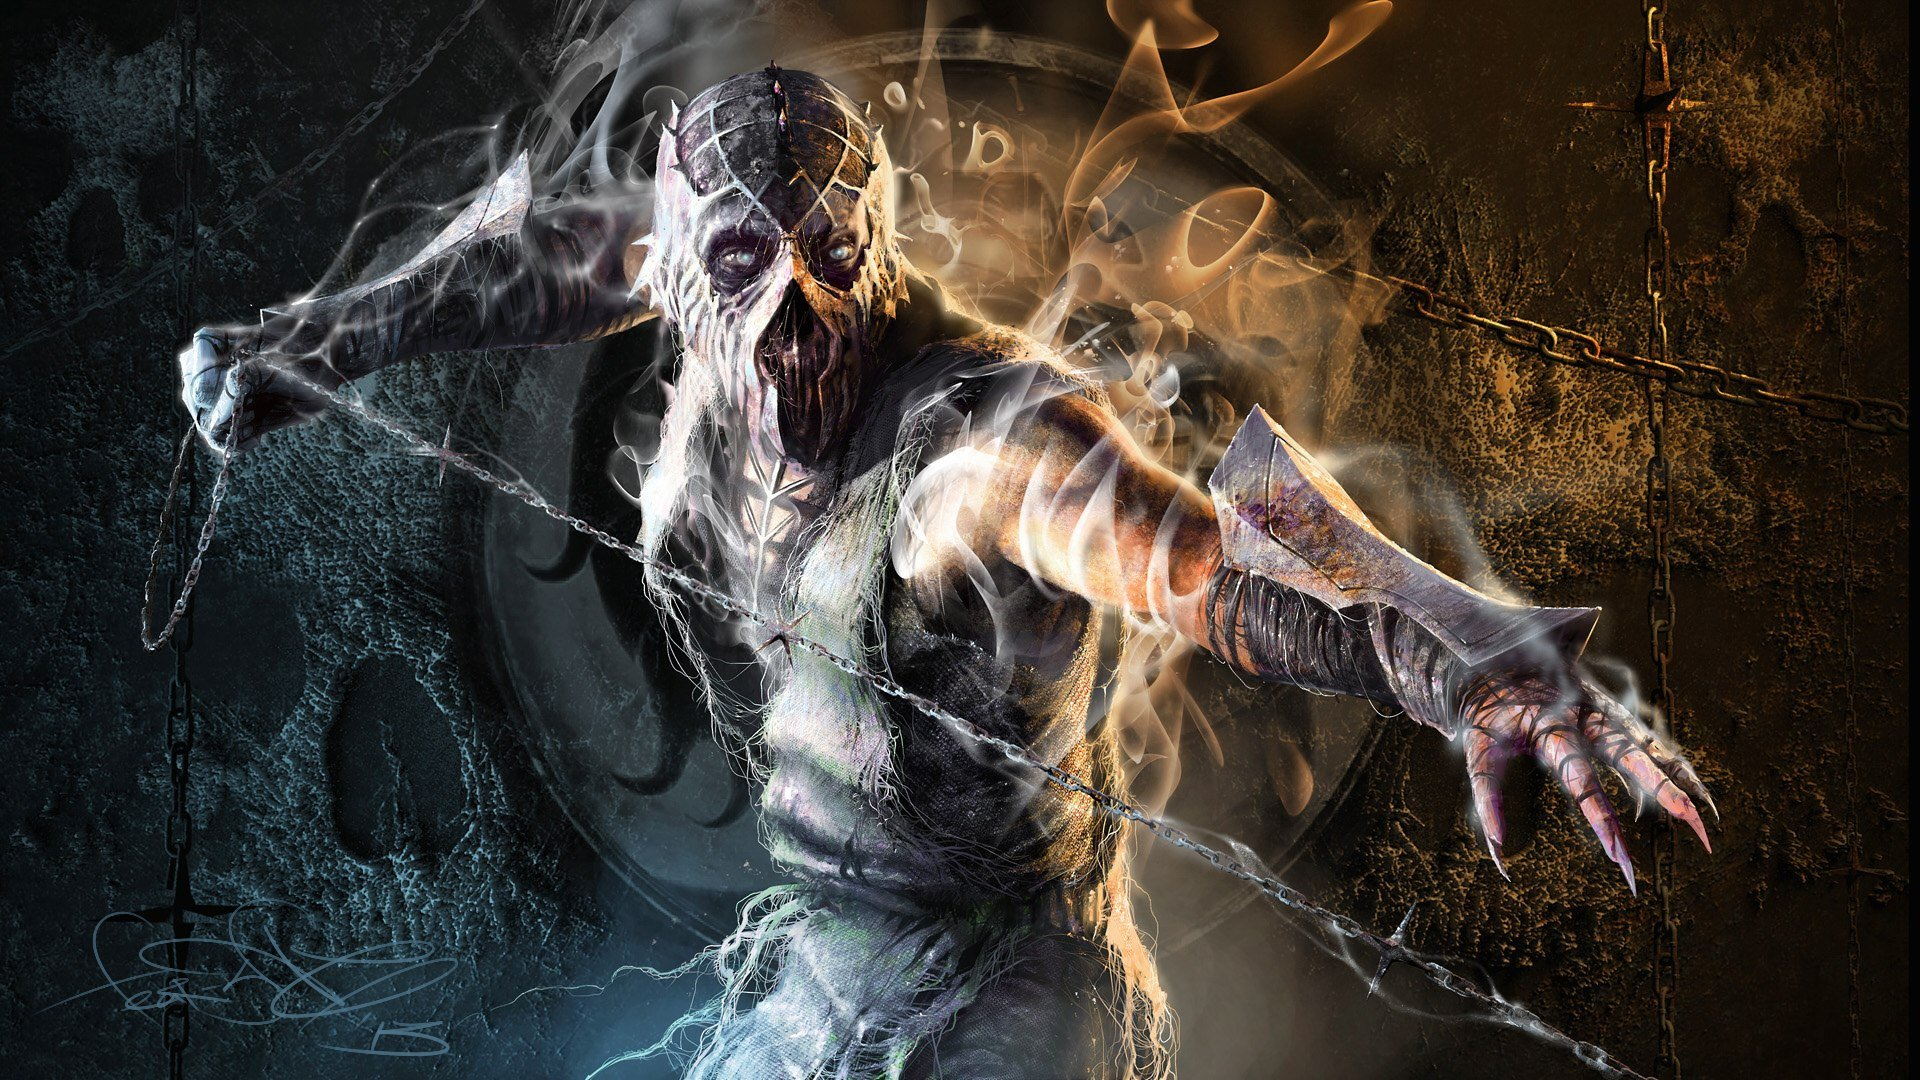 Art-Подборка Mortal Кombat - Изображение 3